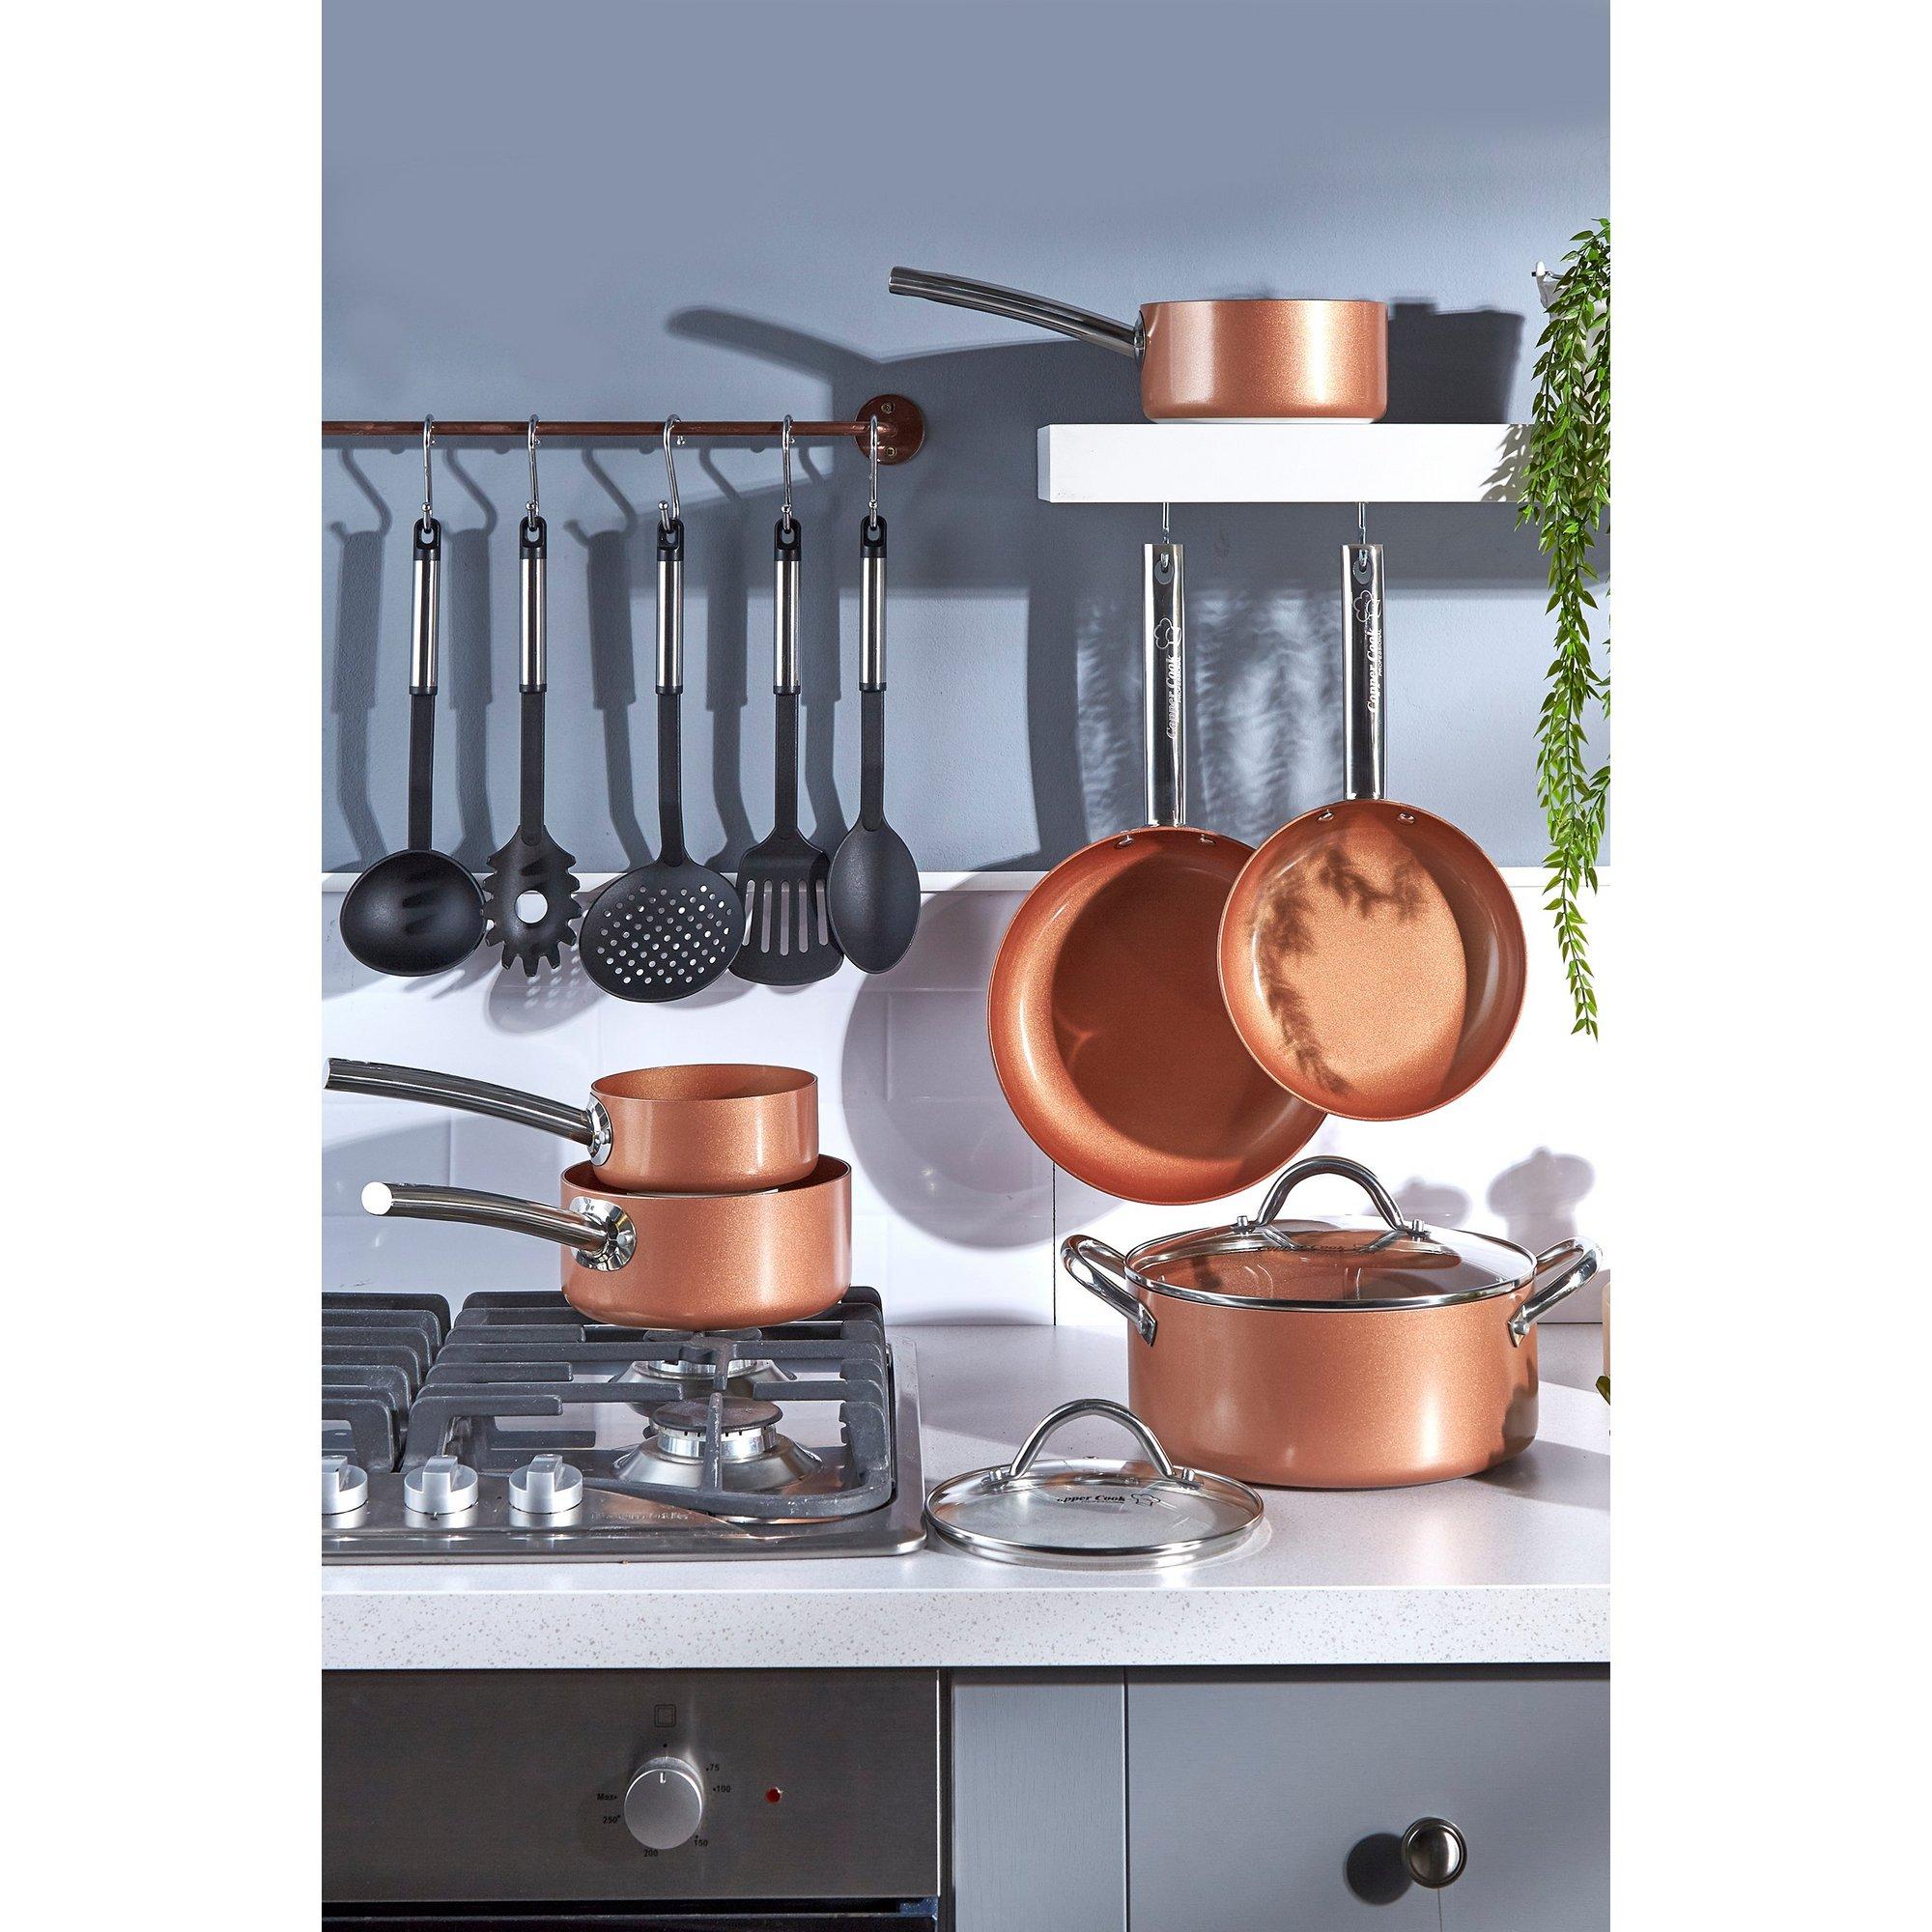 Image of Copper Cook Mega Value Pan Set